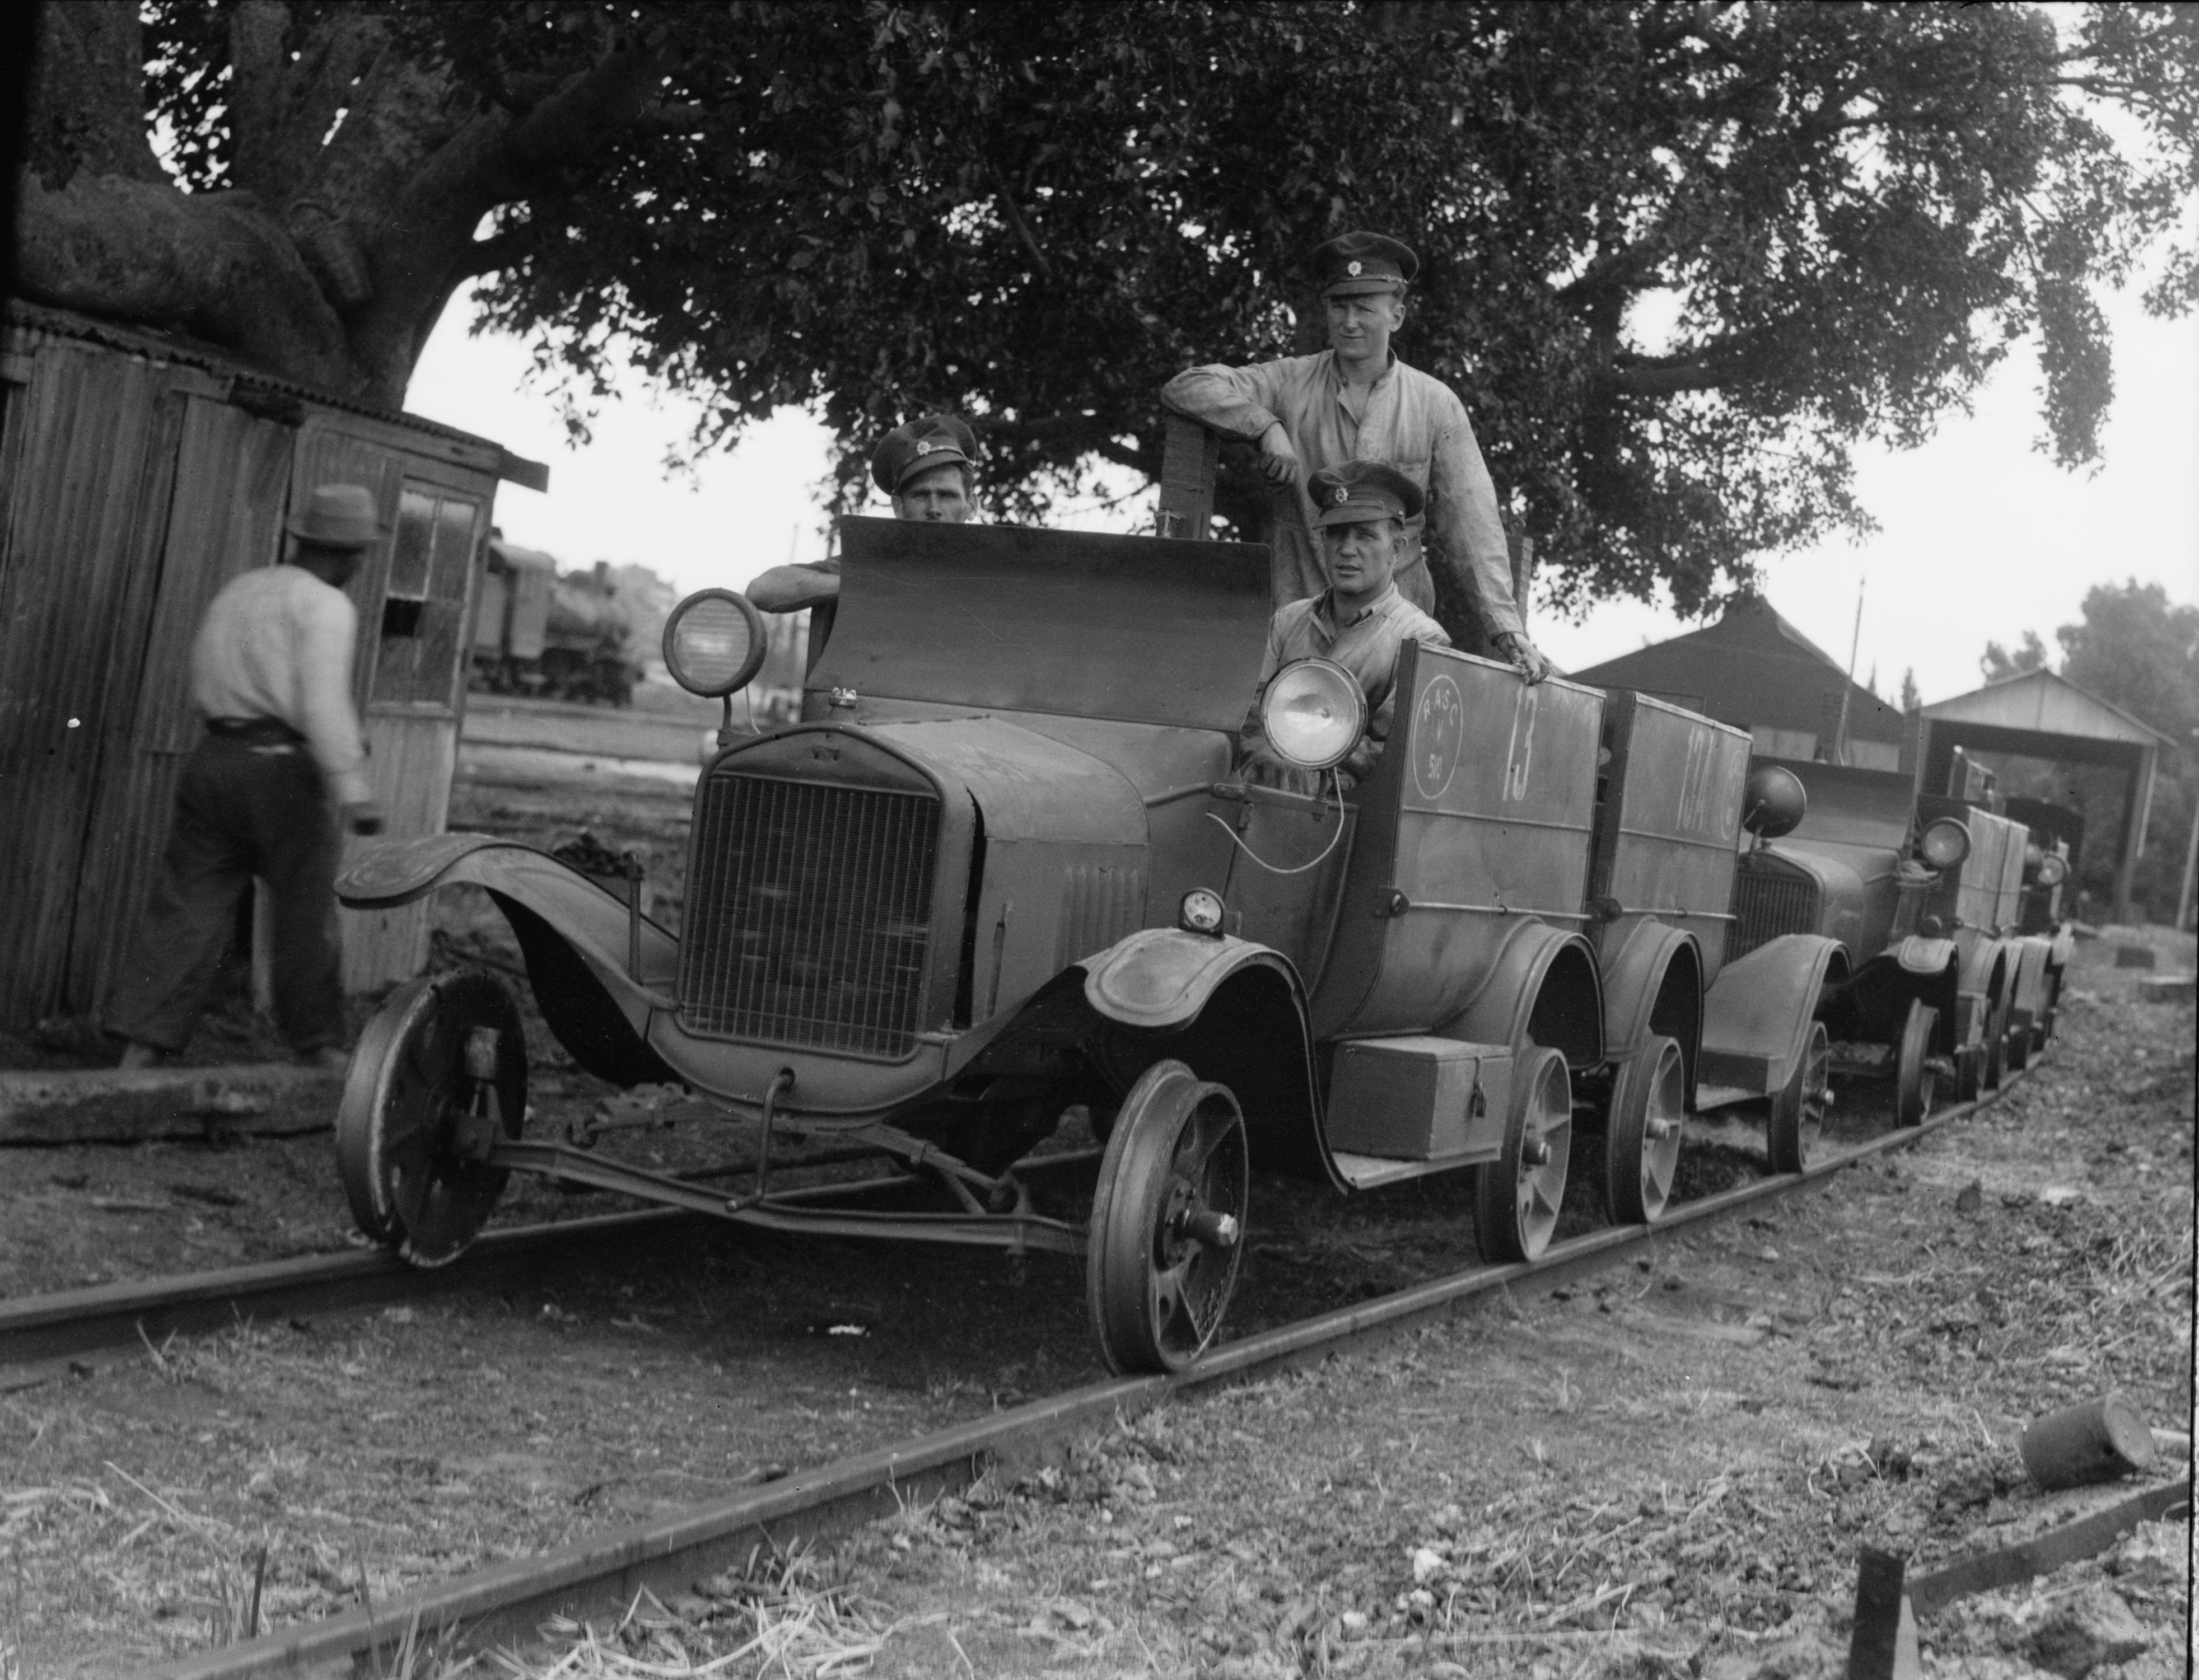 1936. Бронированное приспособление для проверки железнодорожного полотна перед проездом пассажирского поезда